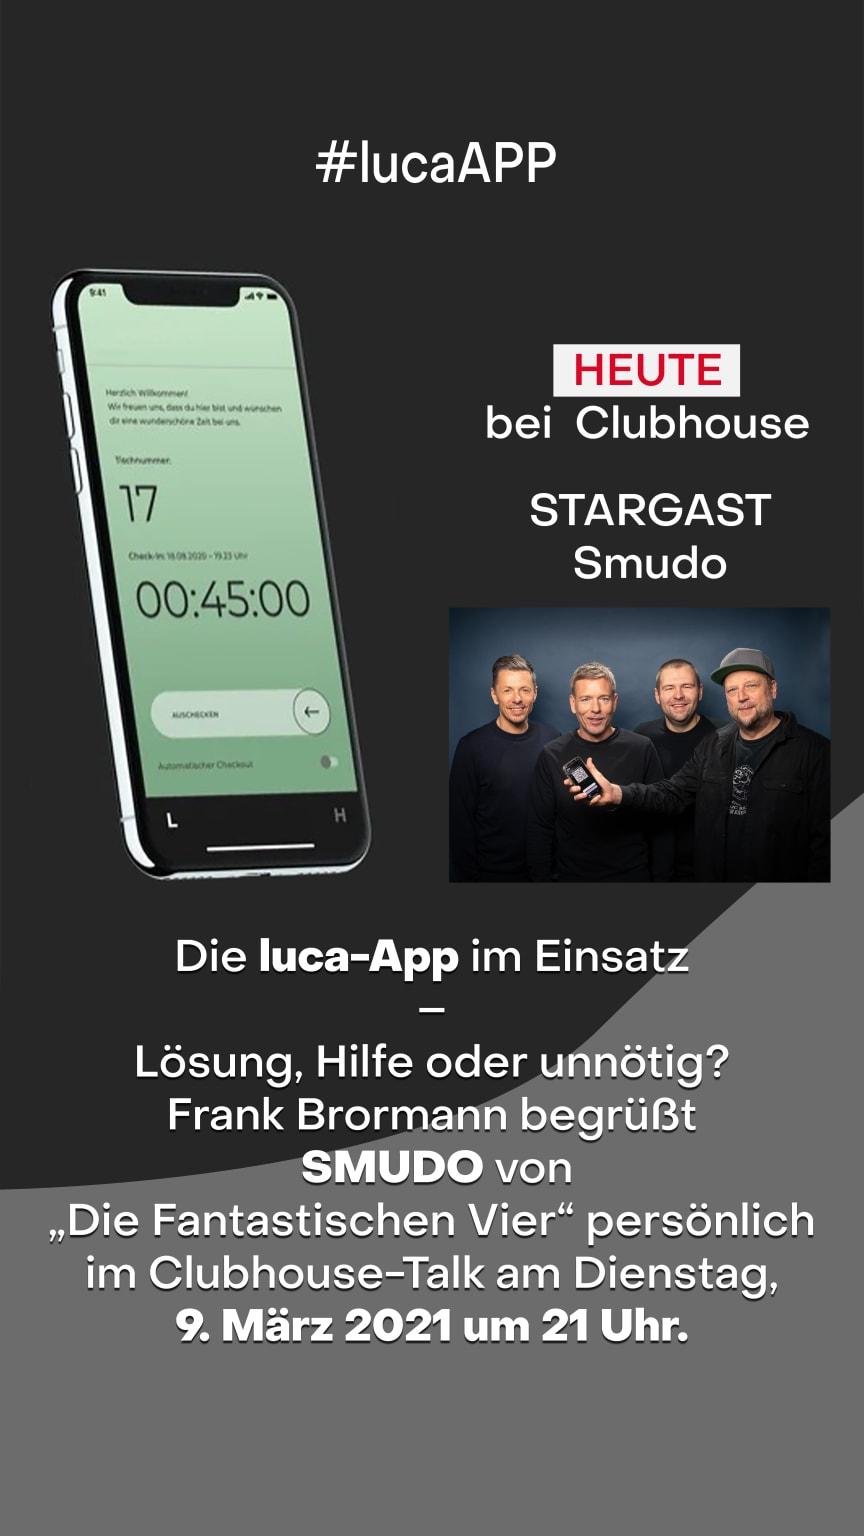 Clubouse-Talk mit Frank Brormann und Smudo